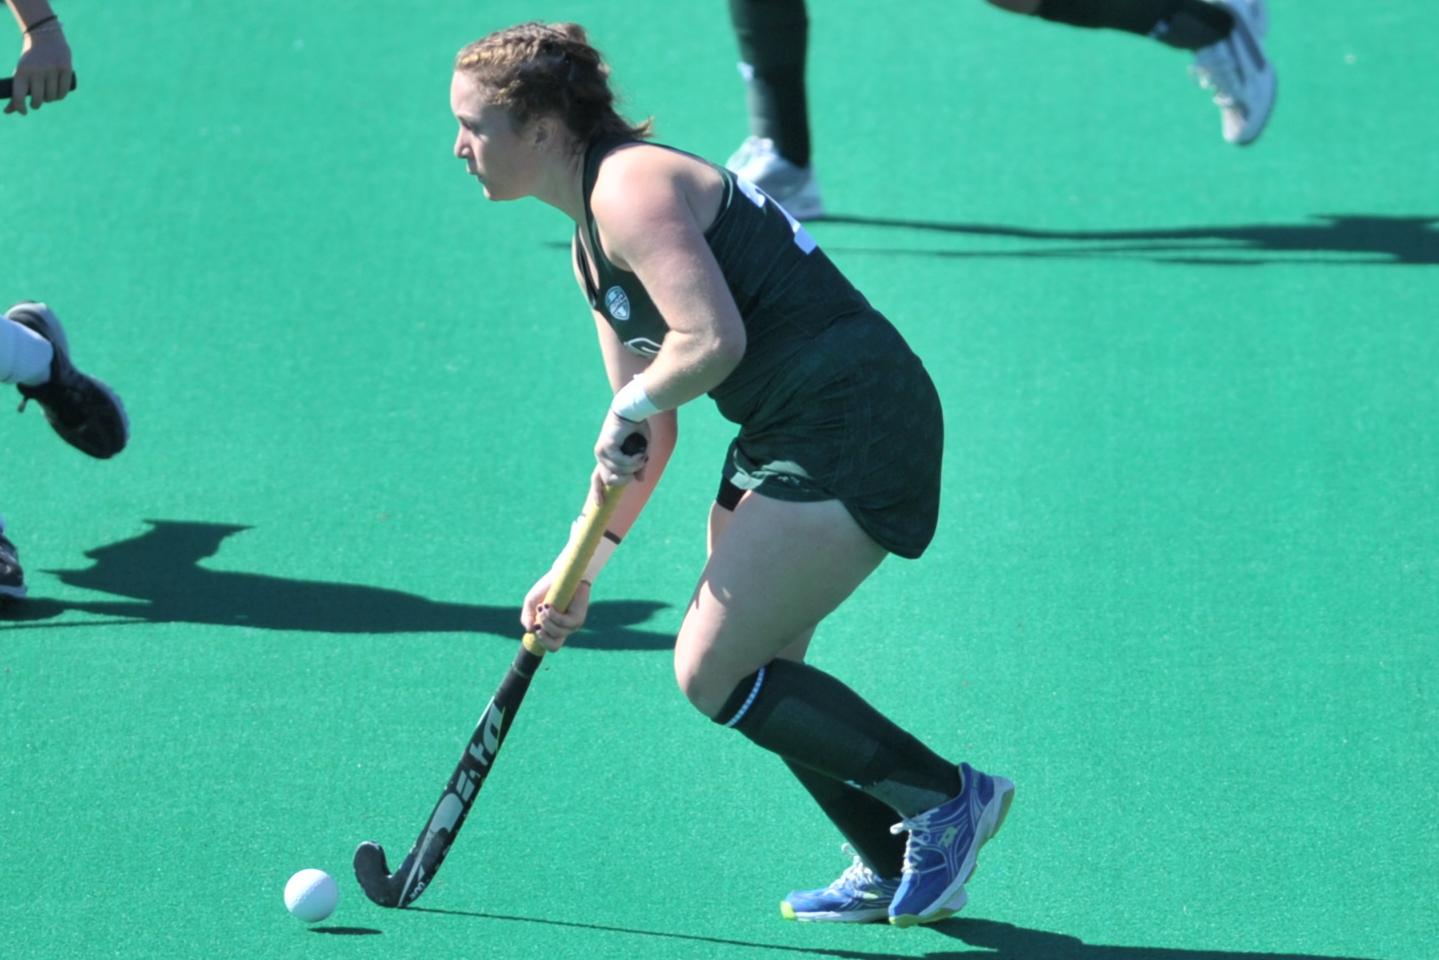 Photo Cred: Sarah Stier | Ohio Athletics